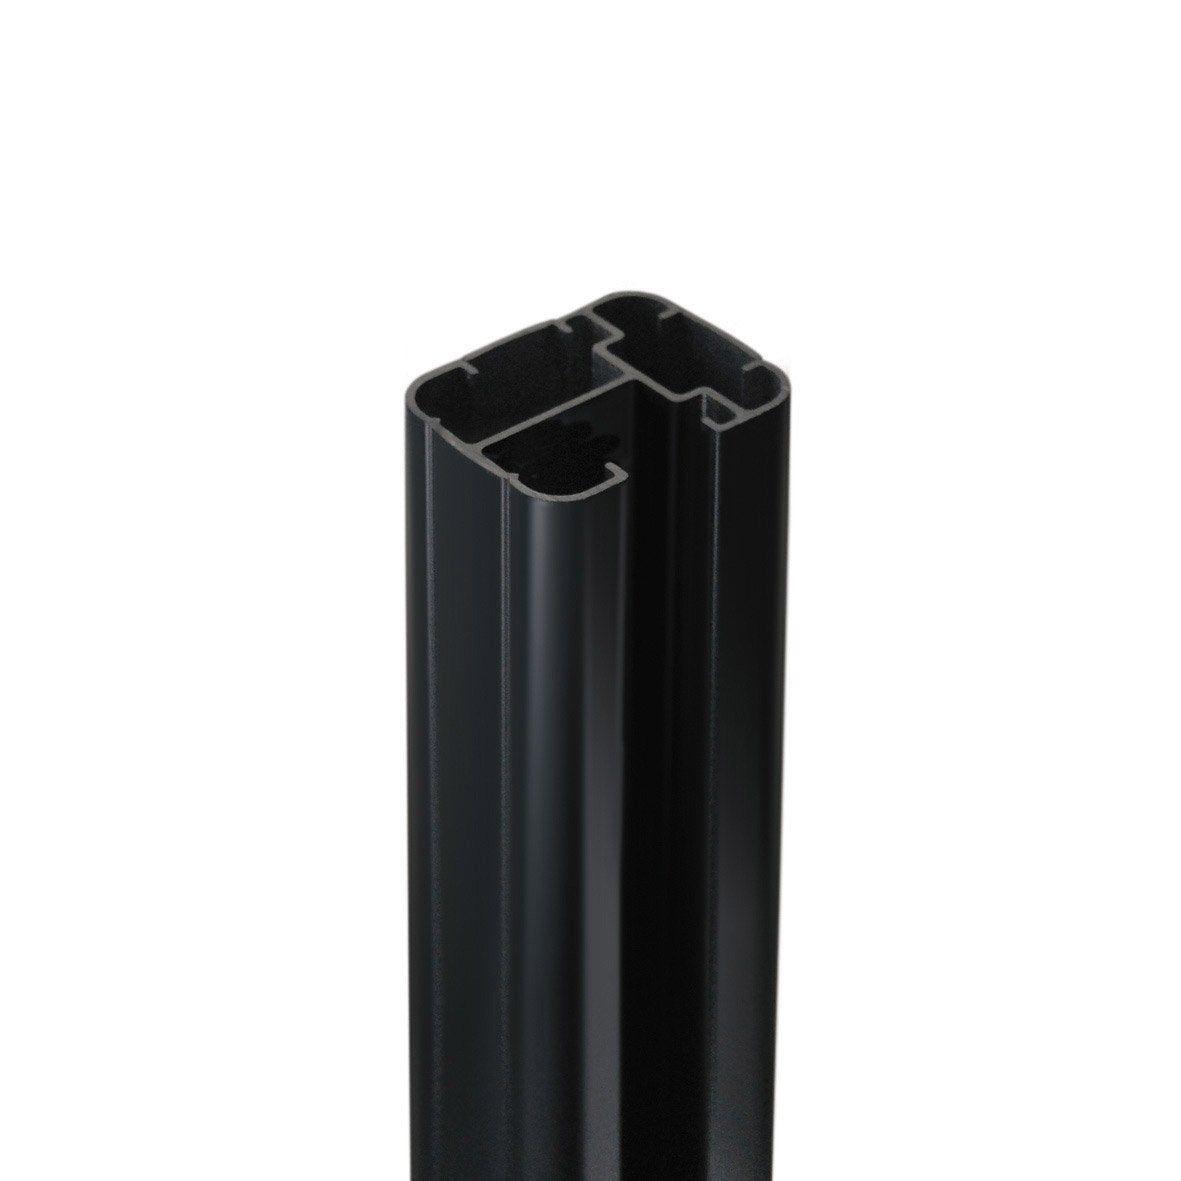 Poteau Aluminium A Sceller Premium Gris Anthracite H 231 5 X L 50 X P 65 Cm Poteau Gris Merlin